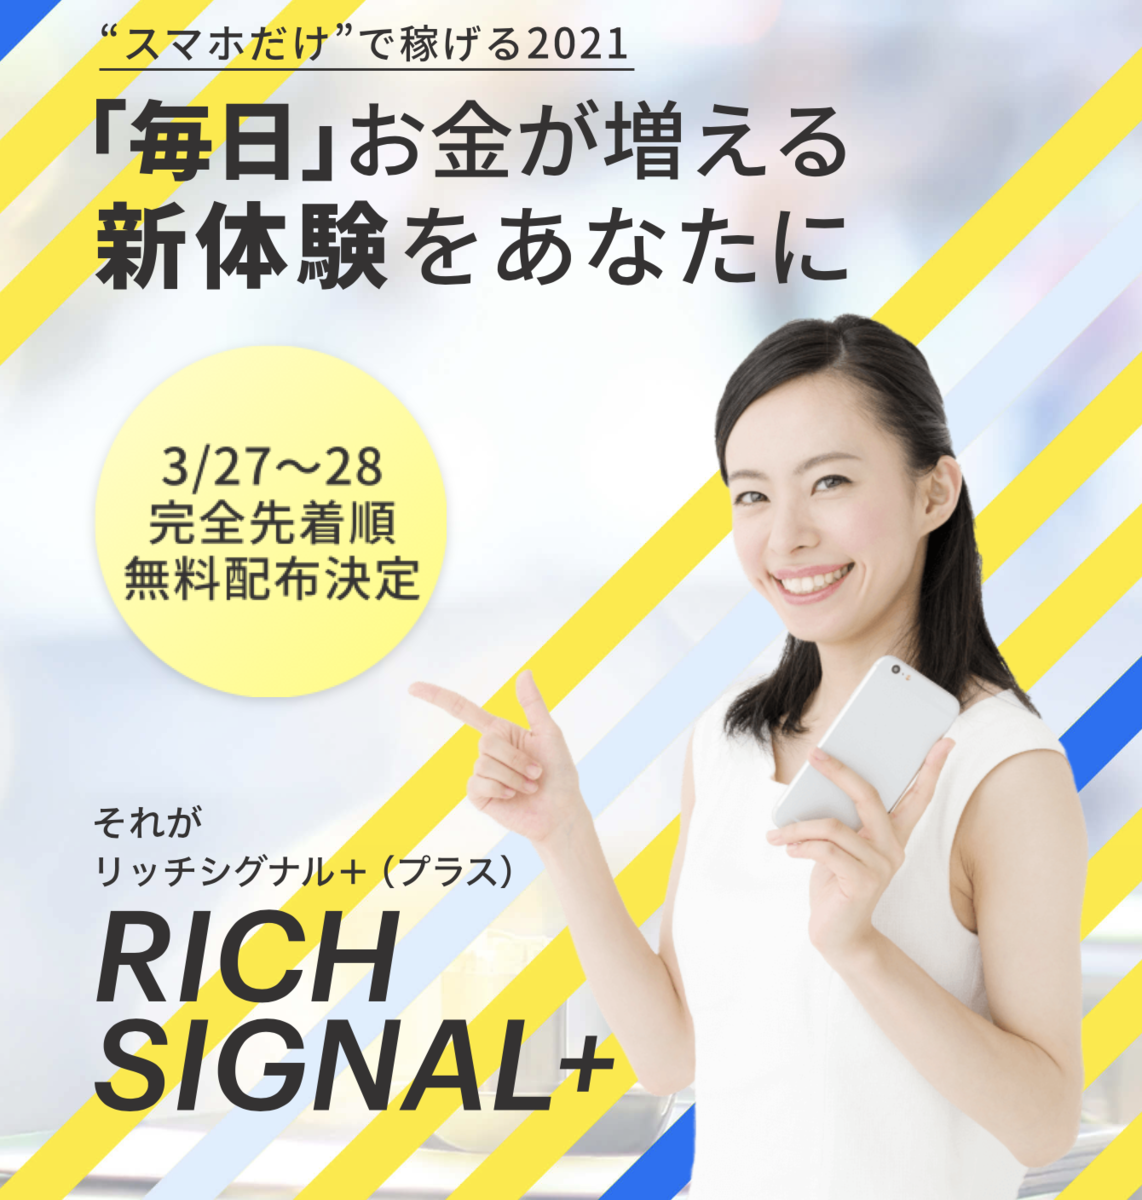 牧栞里 リッチシグナル+00005